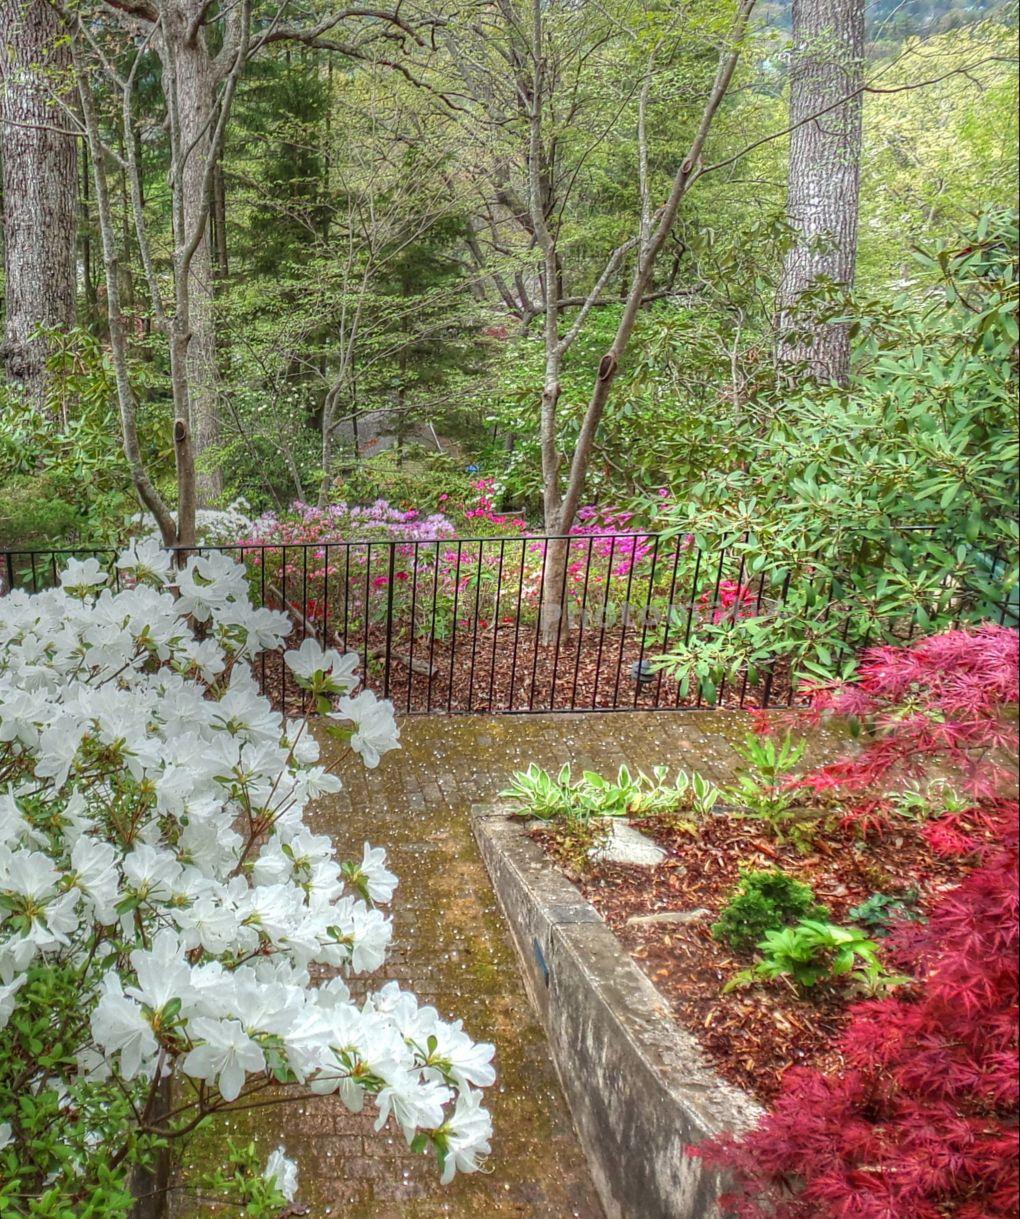 Sunset Mountain Asheville azalea garden